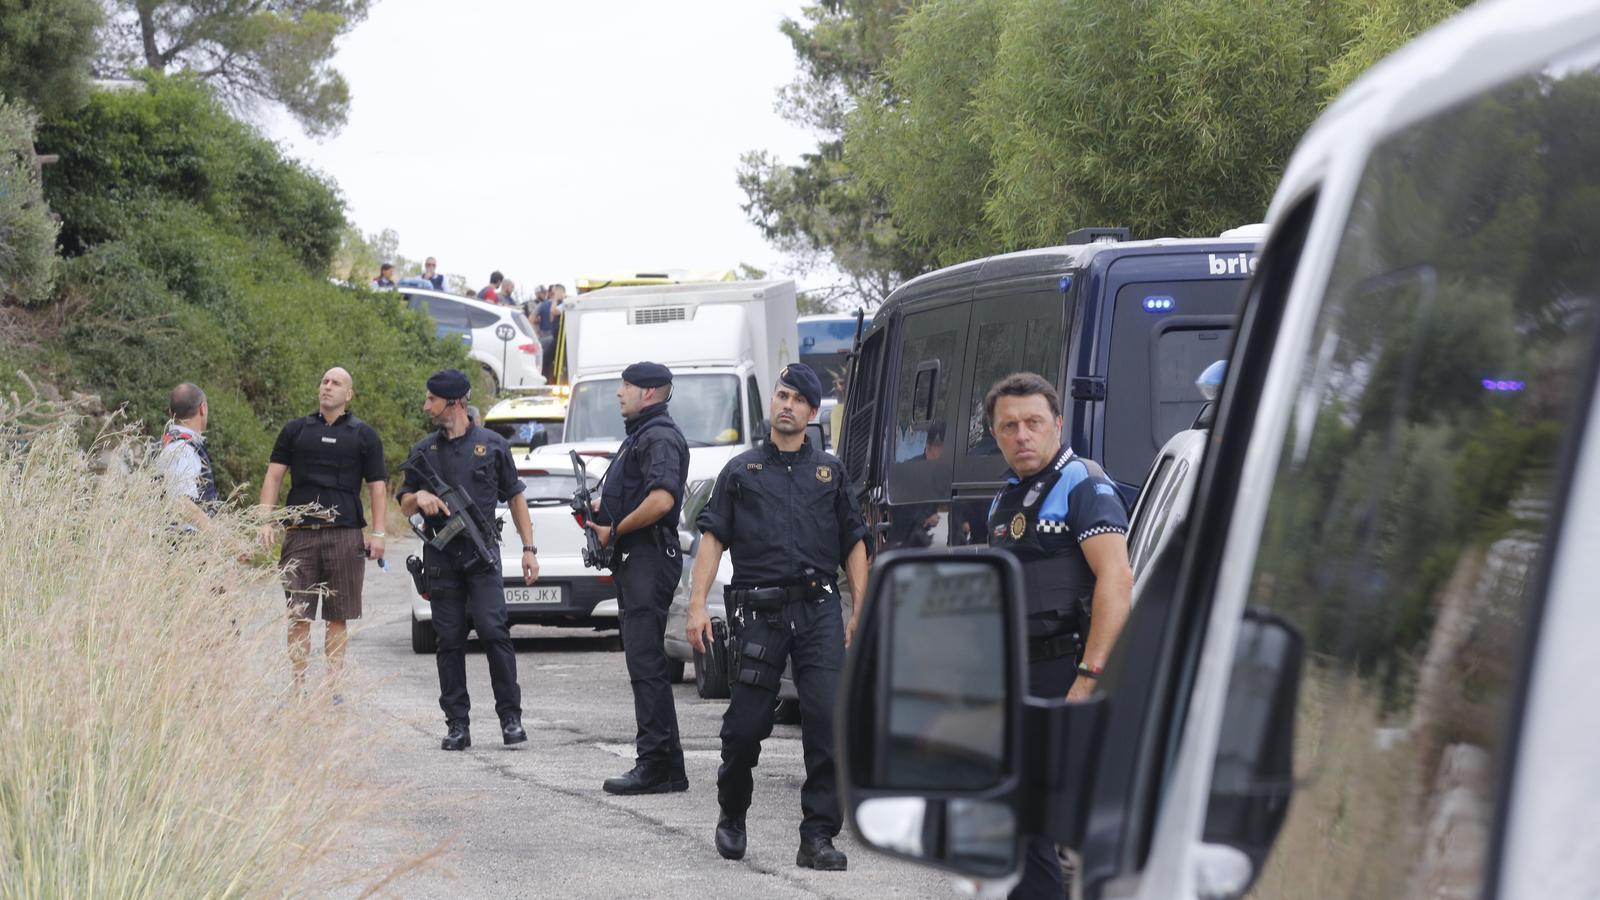 Atac amb subfusell a Gavà: així va ser la pel·lícula dels fets